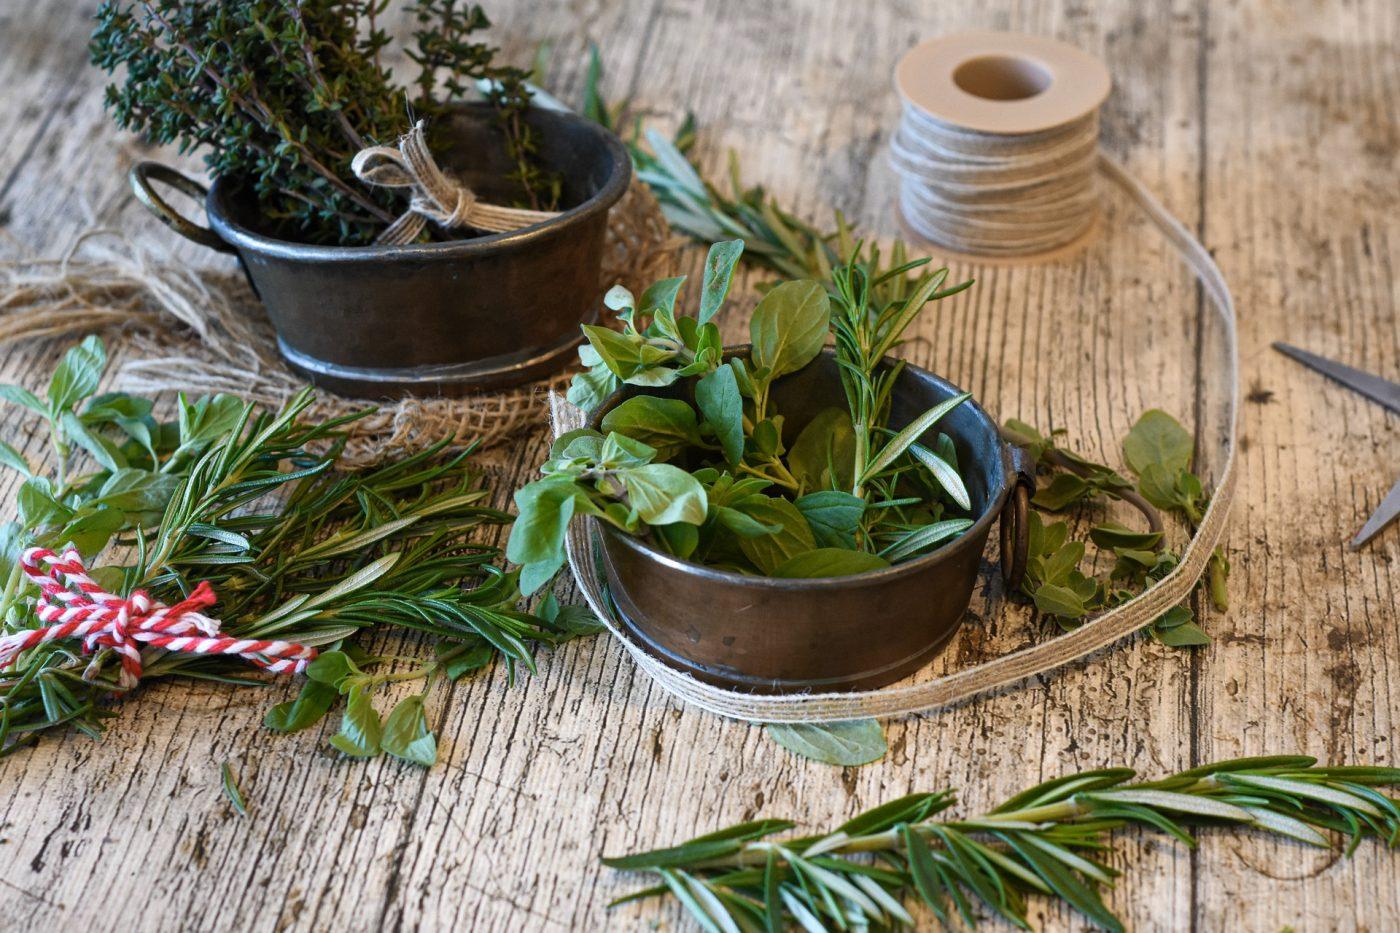 Sapori d'estate tutto l'anno: 3 modi per conservare le erbe aromatiche